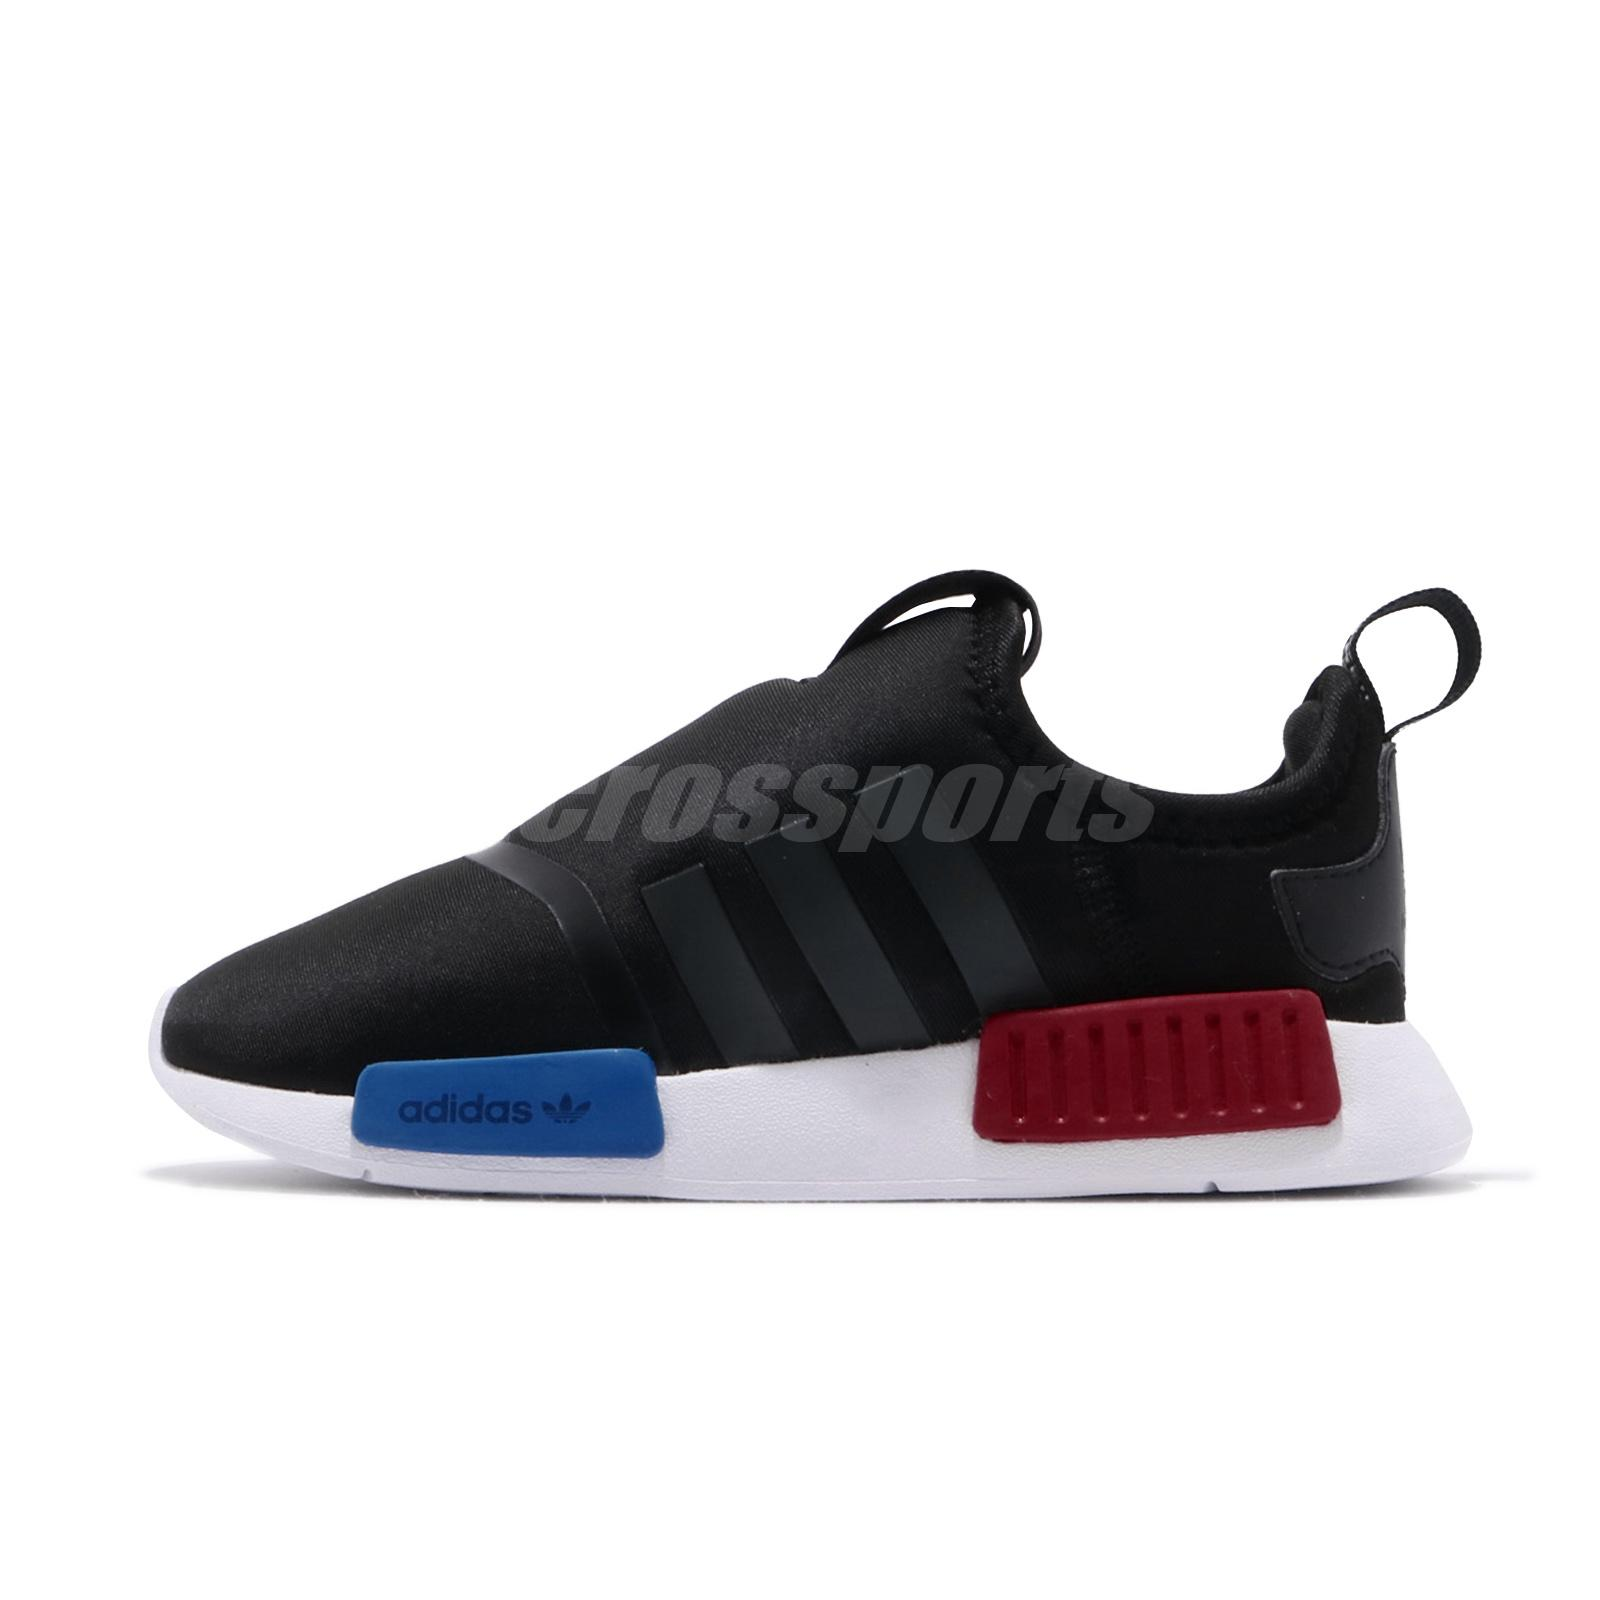 Adidas Nmd 360 I Black White Blue Red Td Toddler Infant Baby Slip